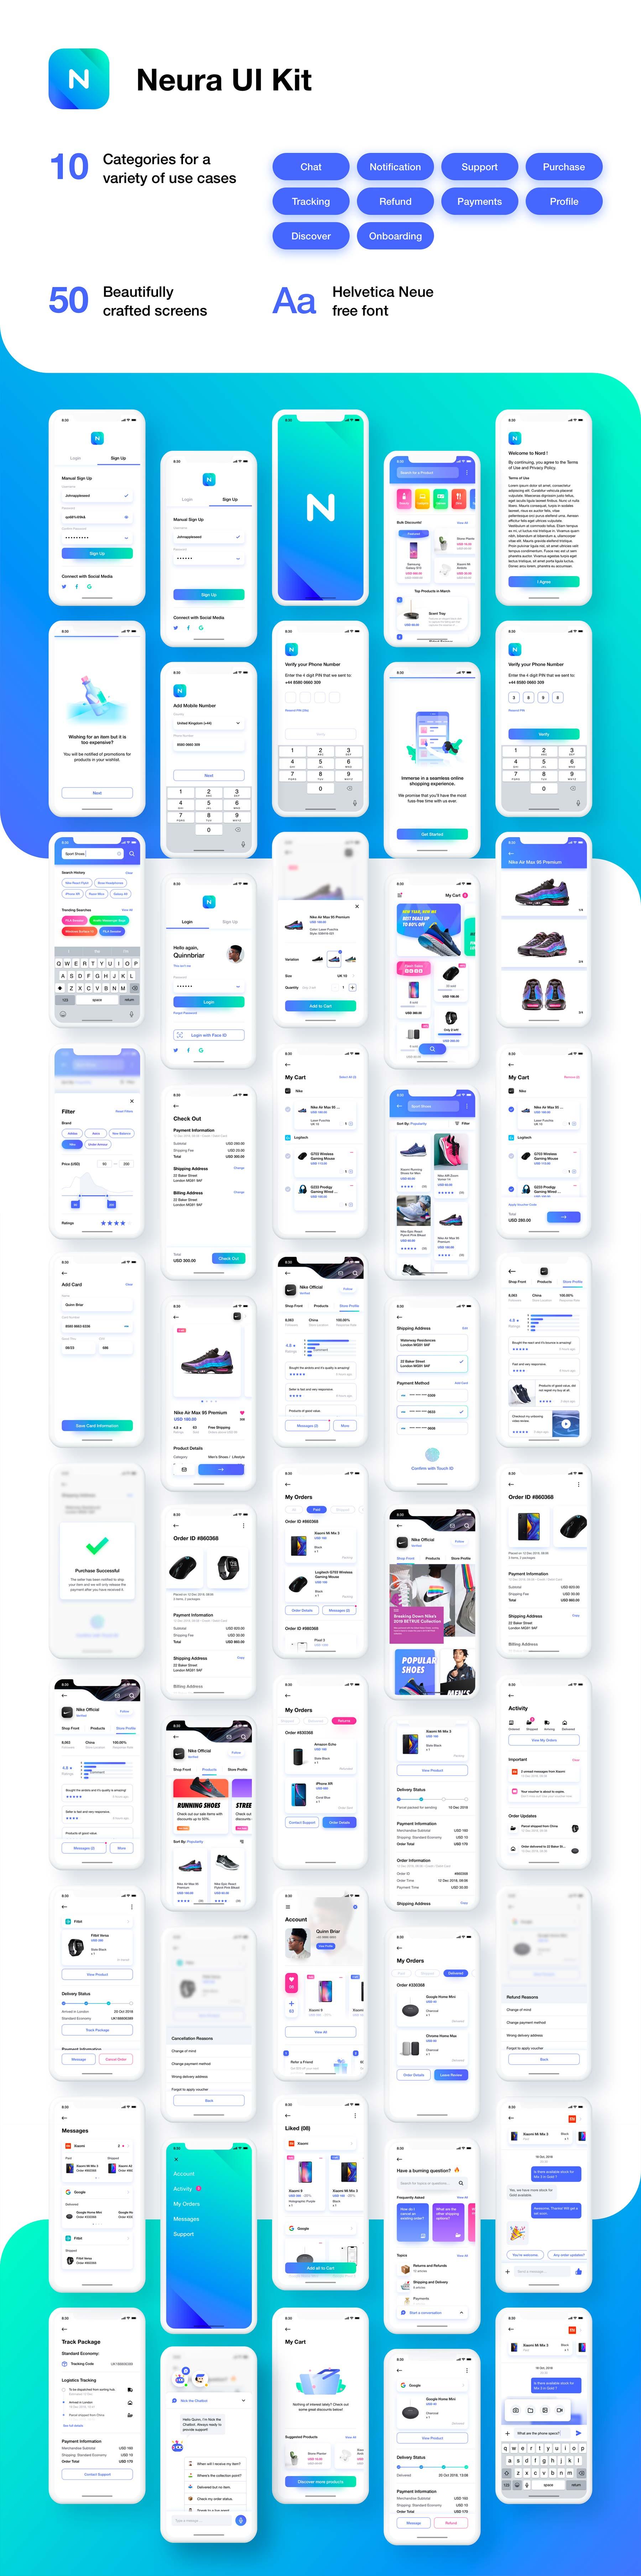 精美的IOS风格多功能电商APP UI KIT套装 iOS Ui app设计 界面ui设计[Sketch] Neura e-commerce UI Kit